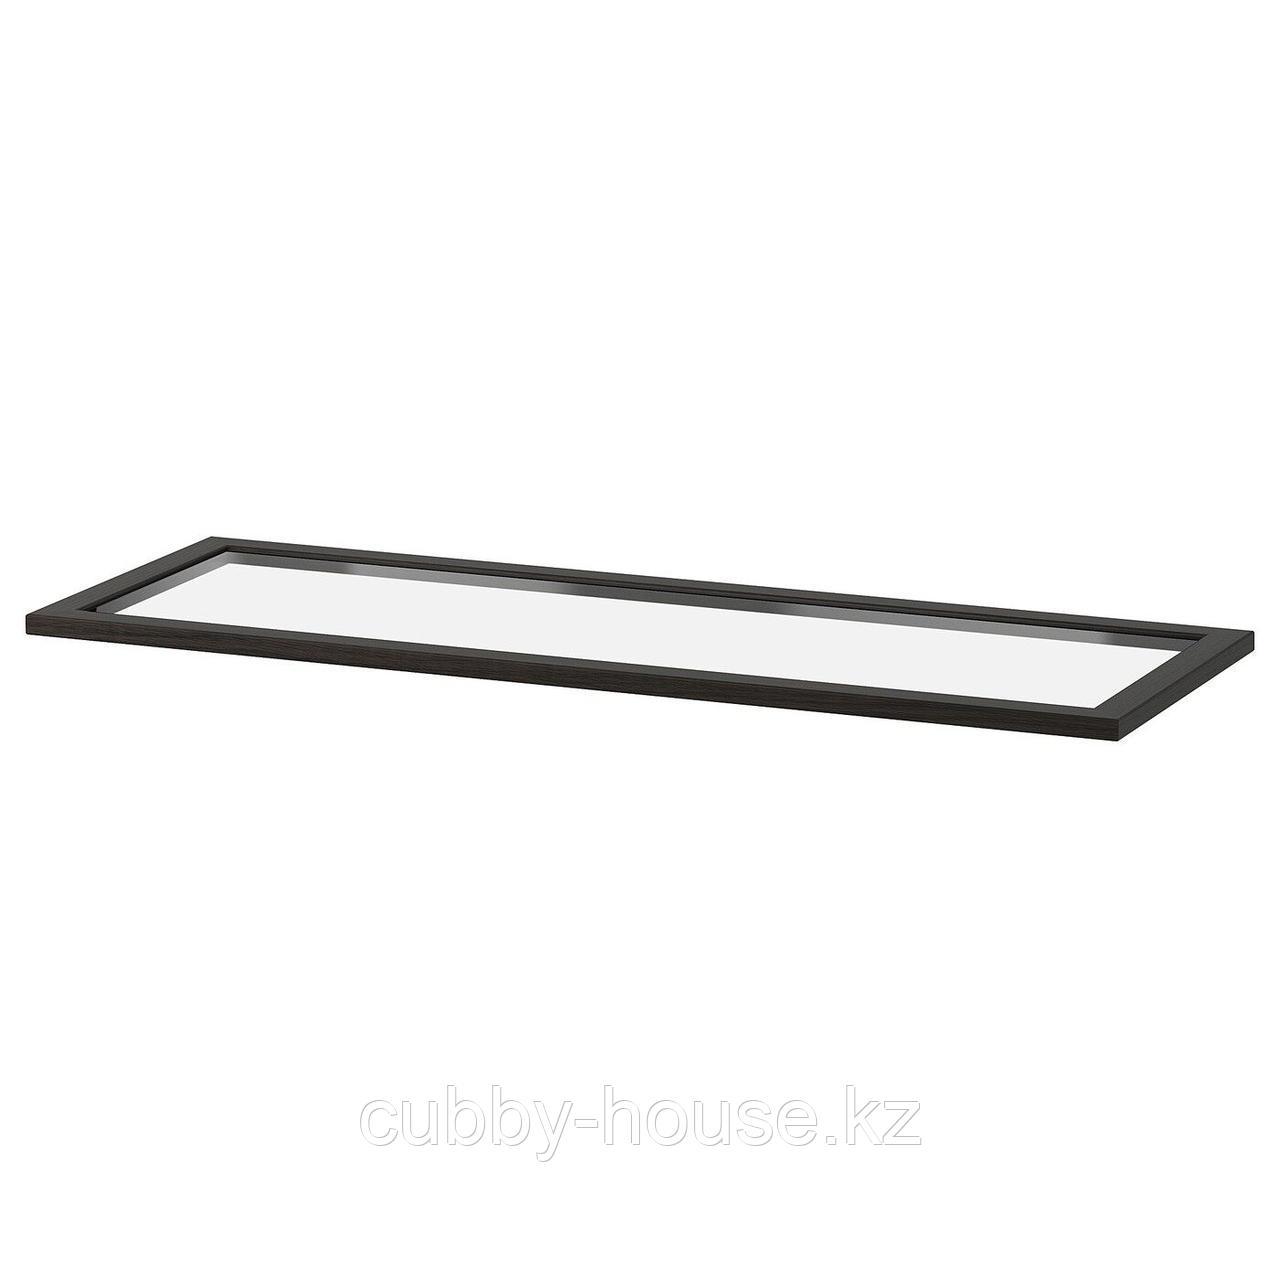 КОМПЛИМЕНТ Полка стеклянная, черно-коричневый, 50x58 см